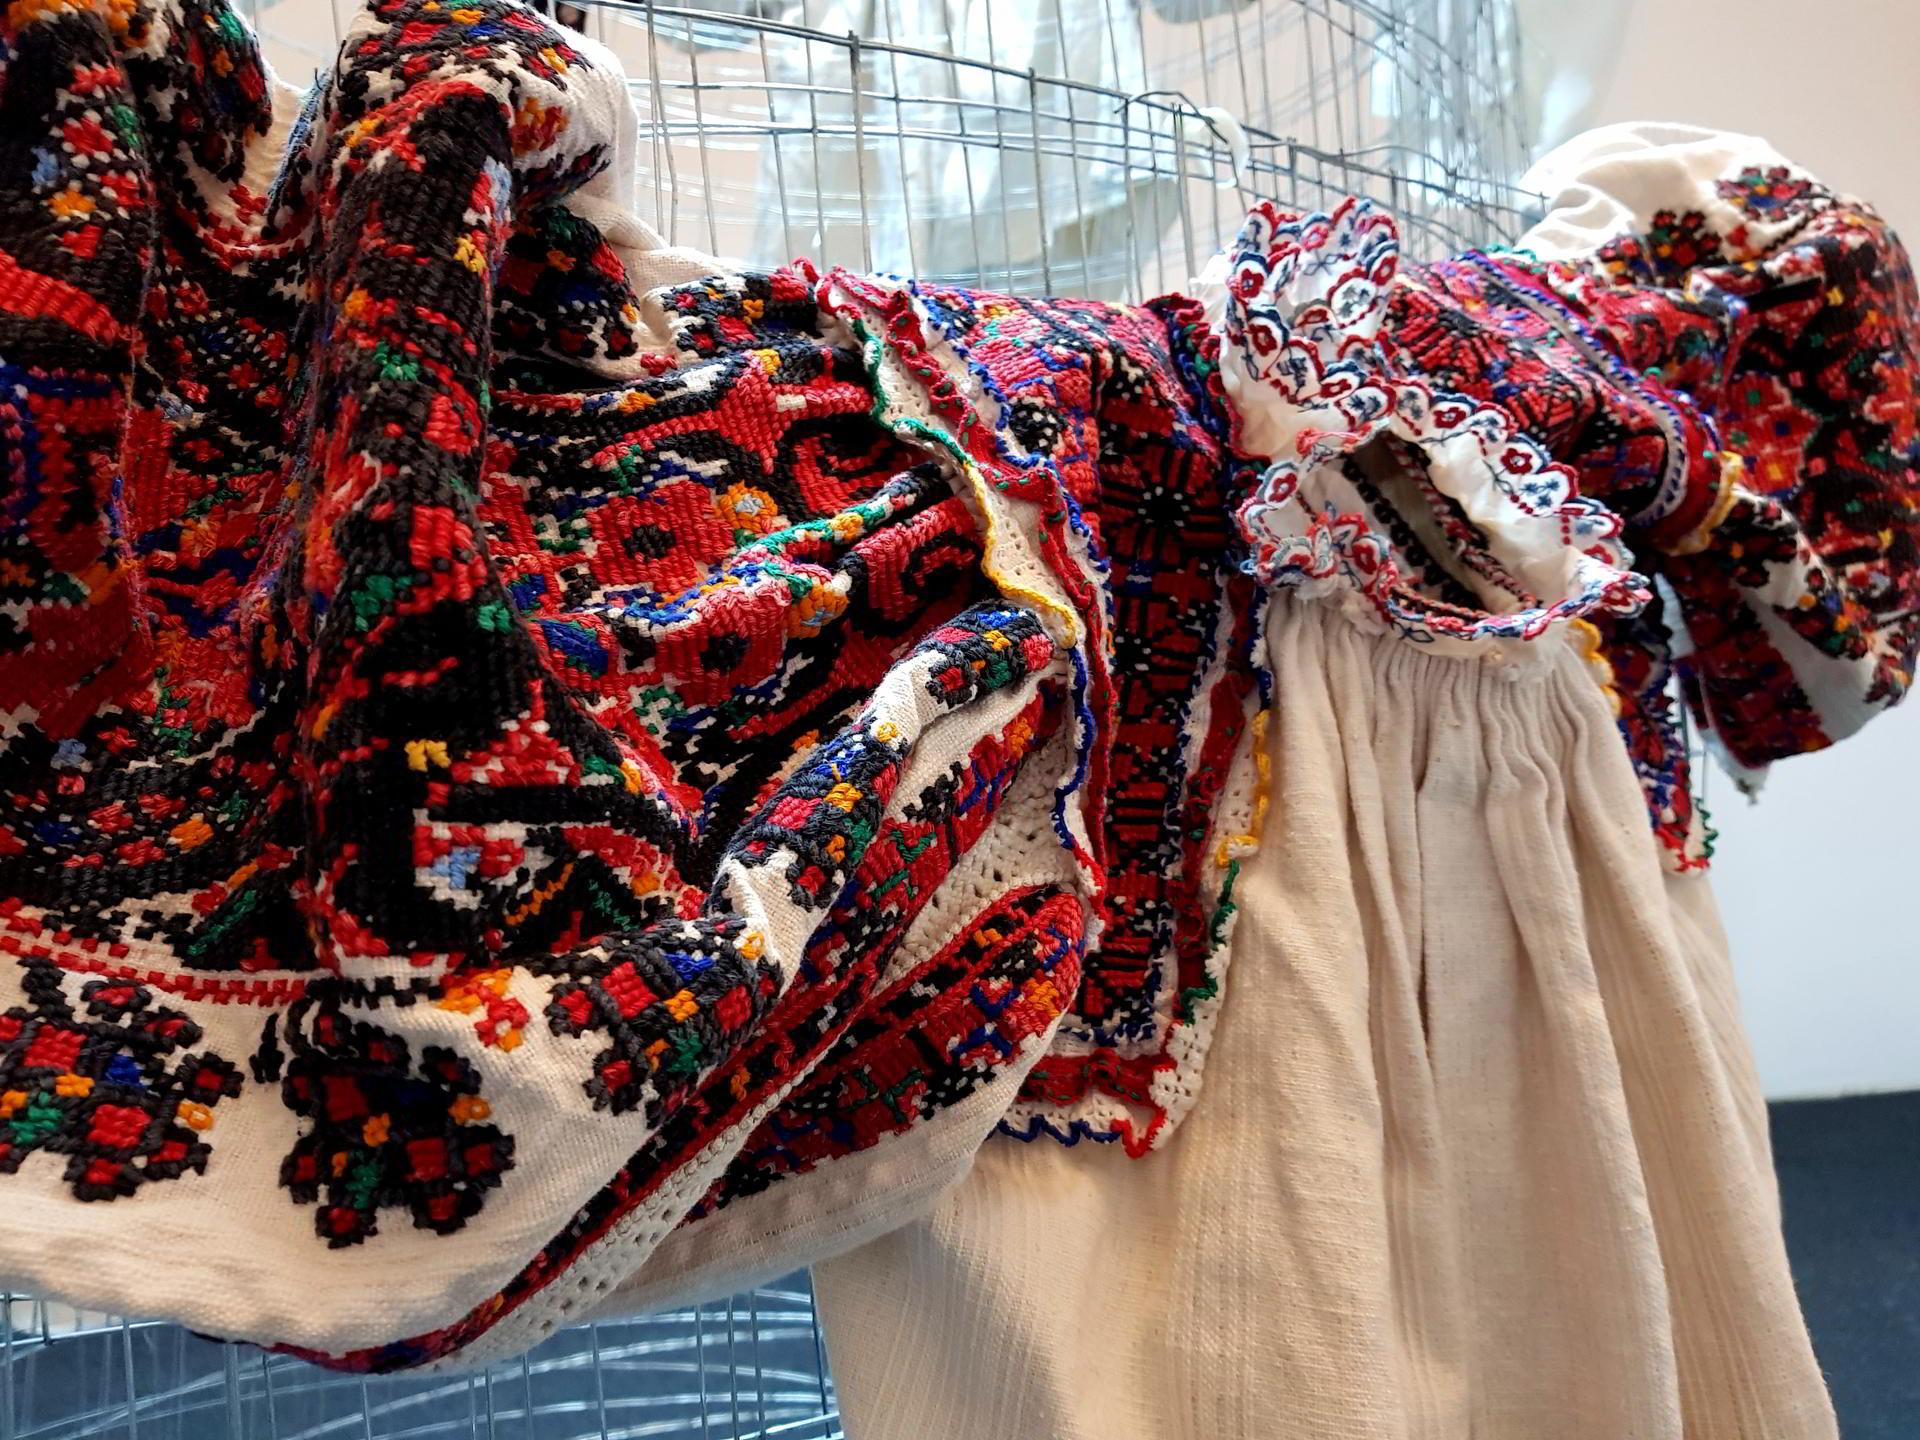 Ziua Universală a Iei. În Dobrogea, nu s-au purtat ii, ci cămăși tradiționale cu căptuf